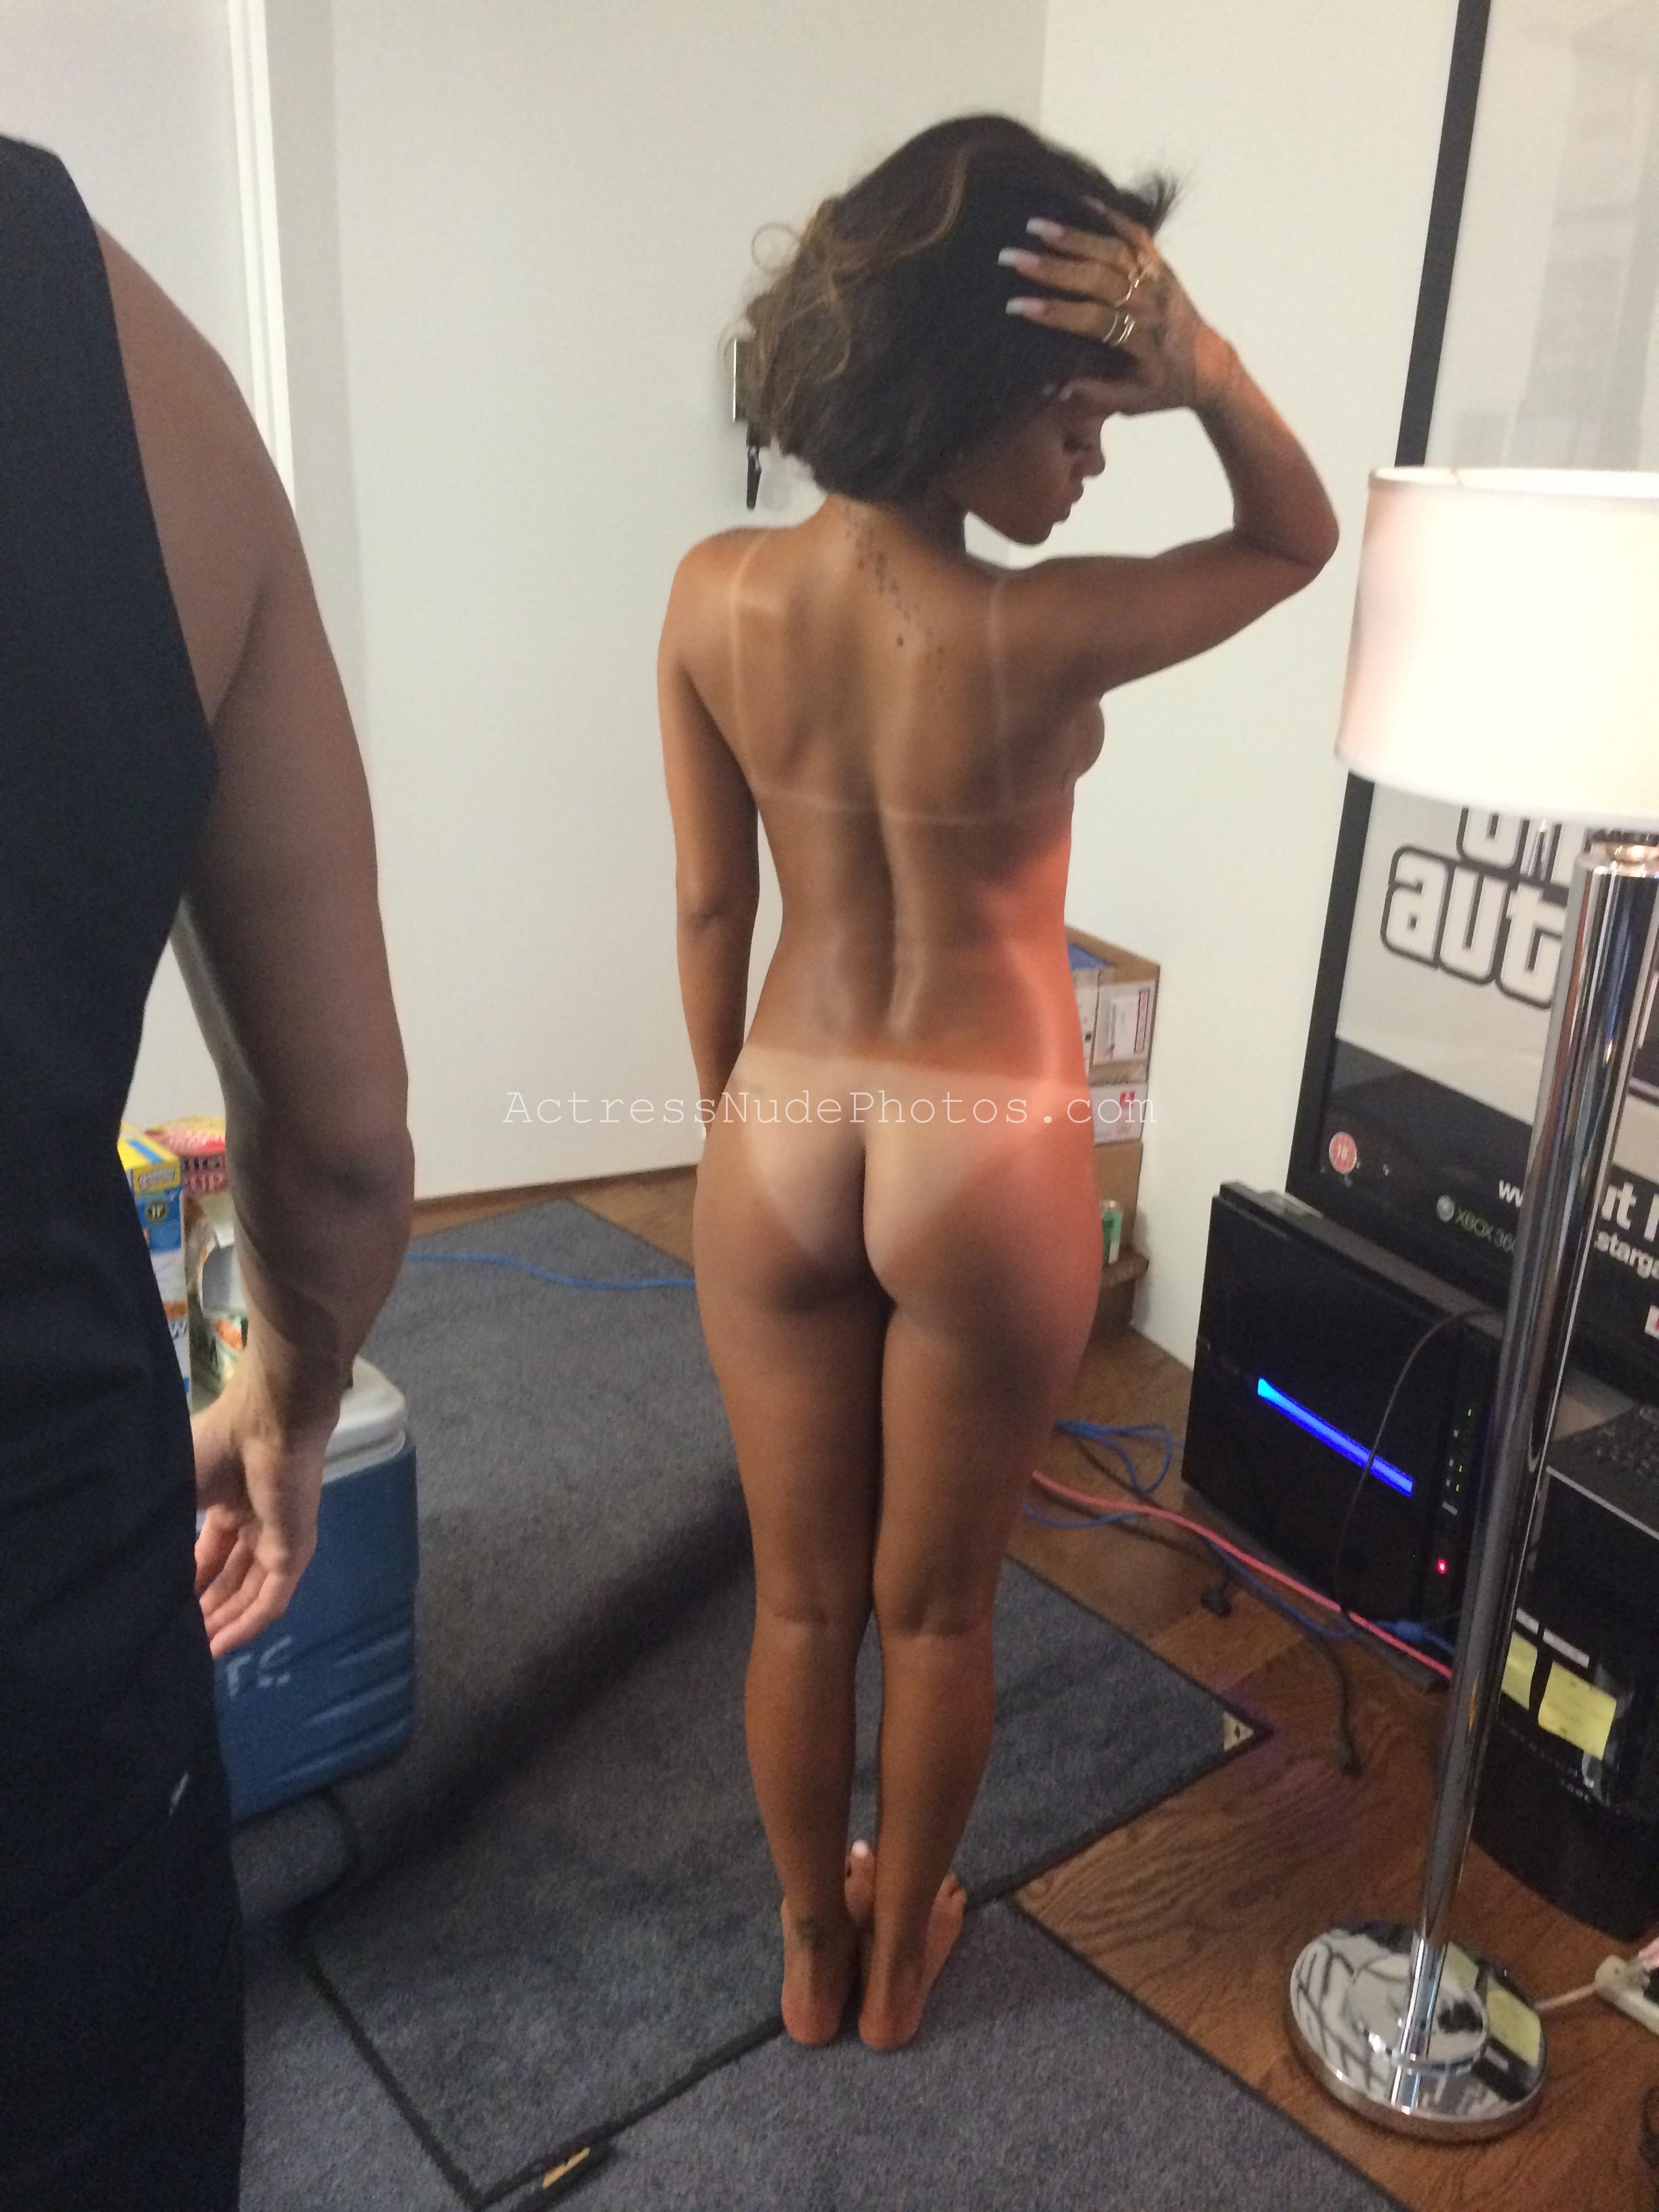 latest celebrity nude photos